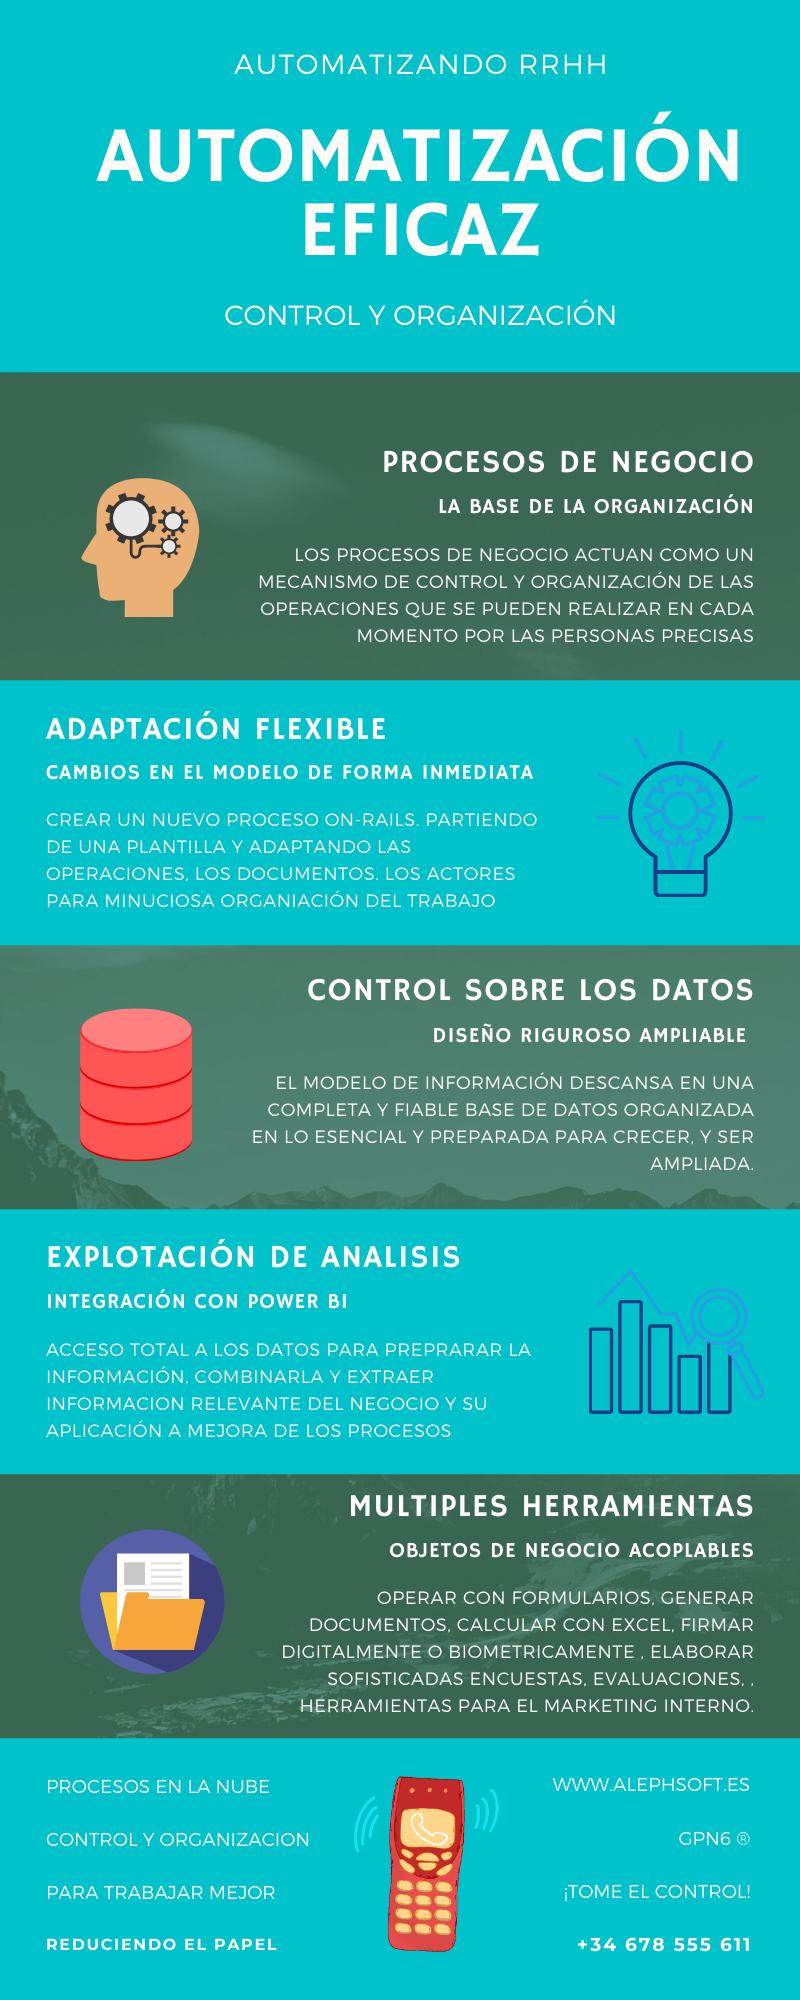 Infografía sobre Automatización de procesos en RRHH